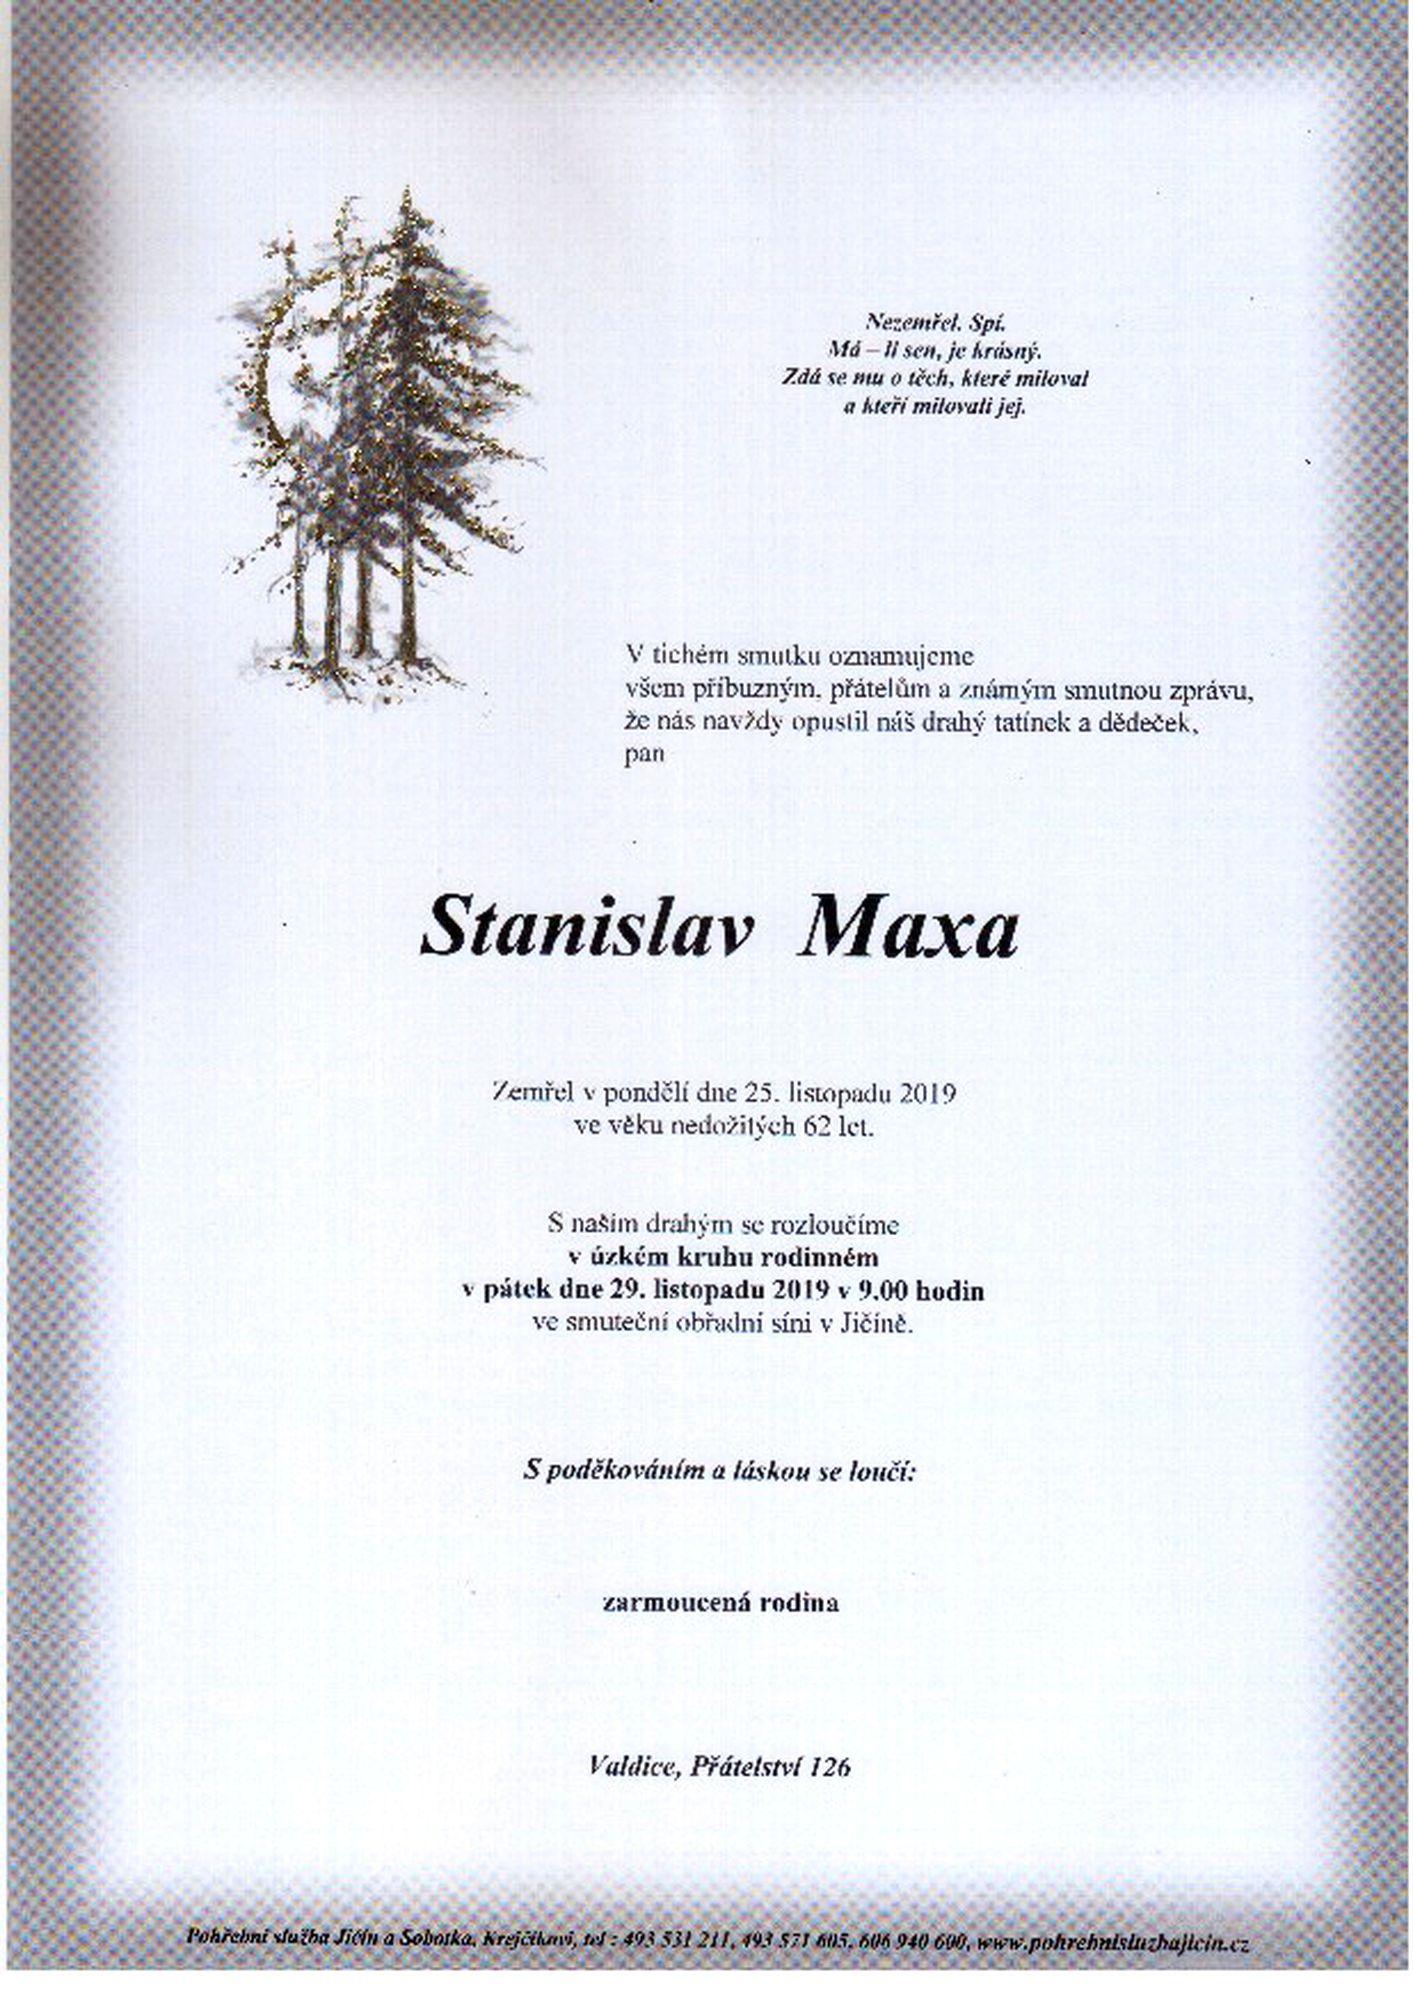 Stanislav Maxa